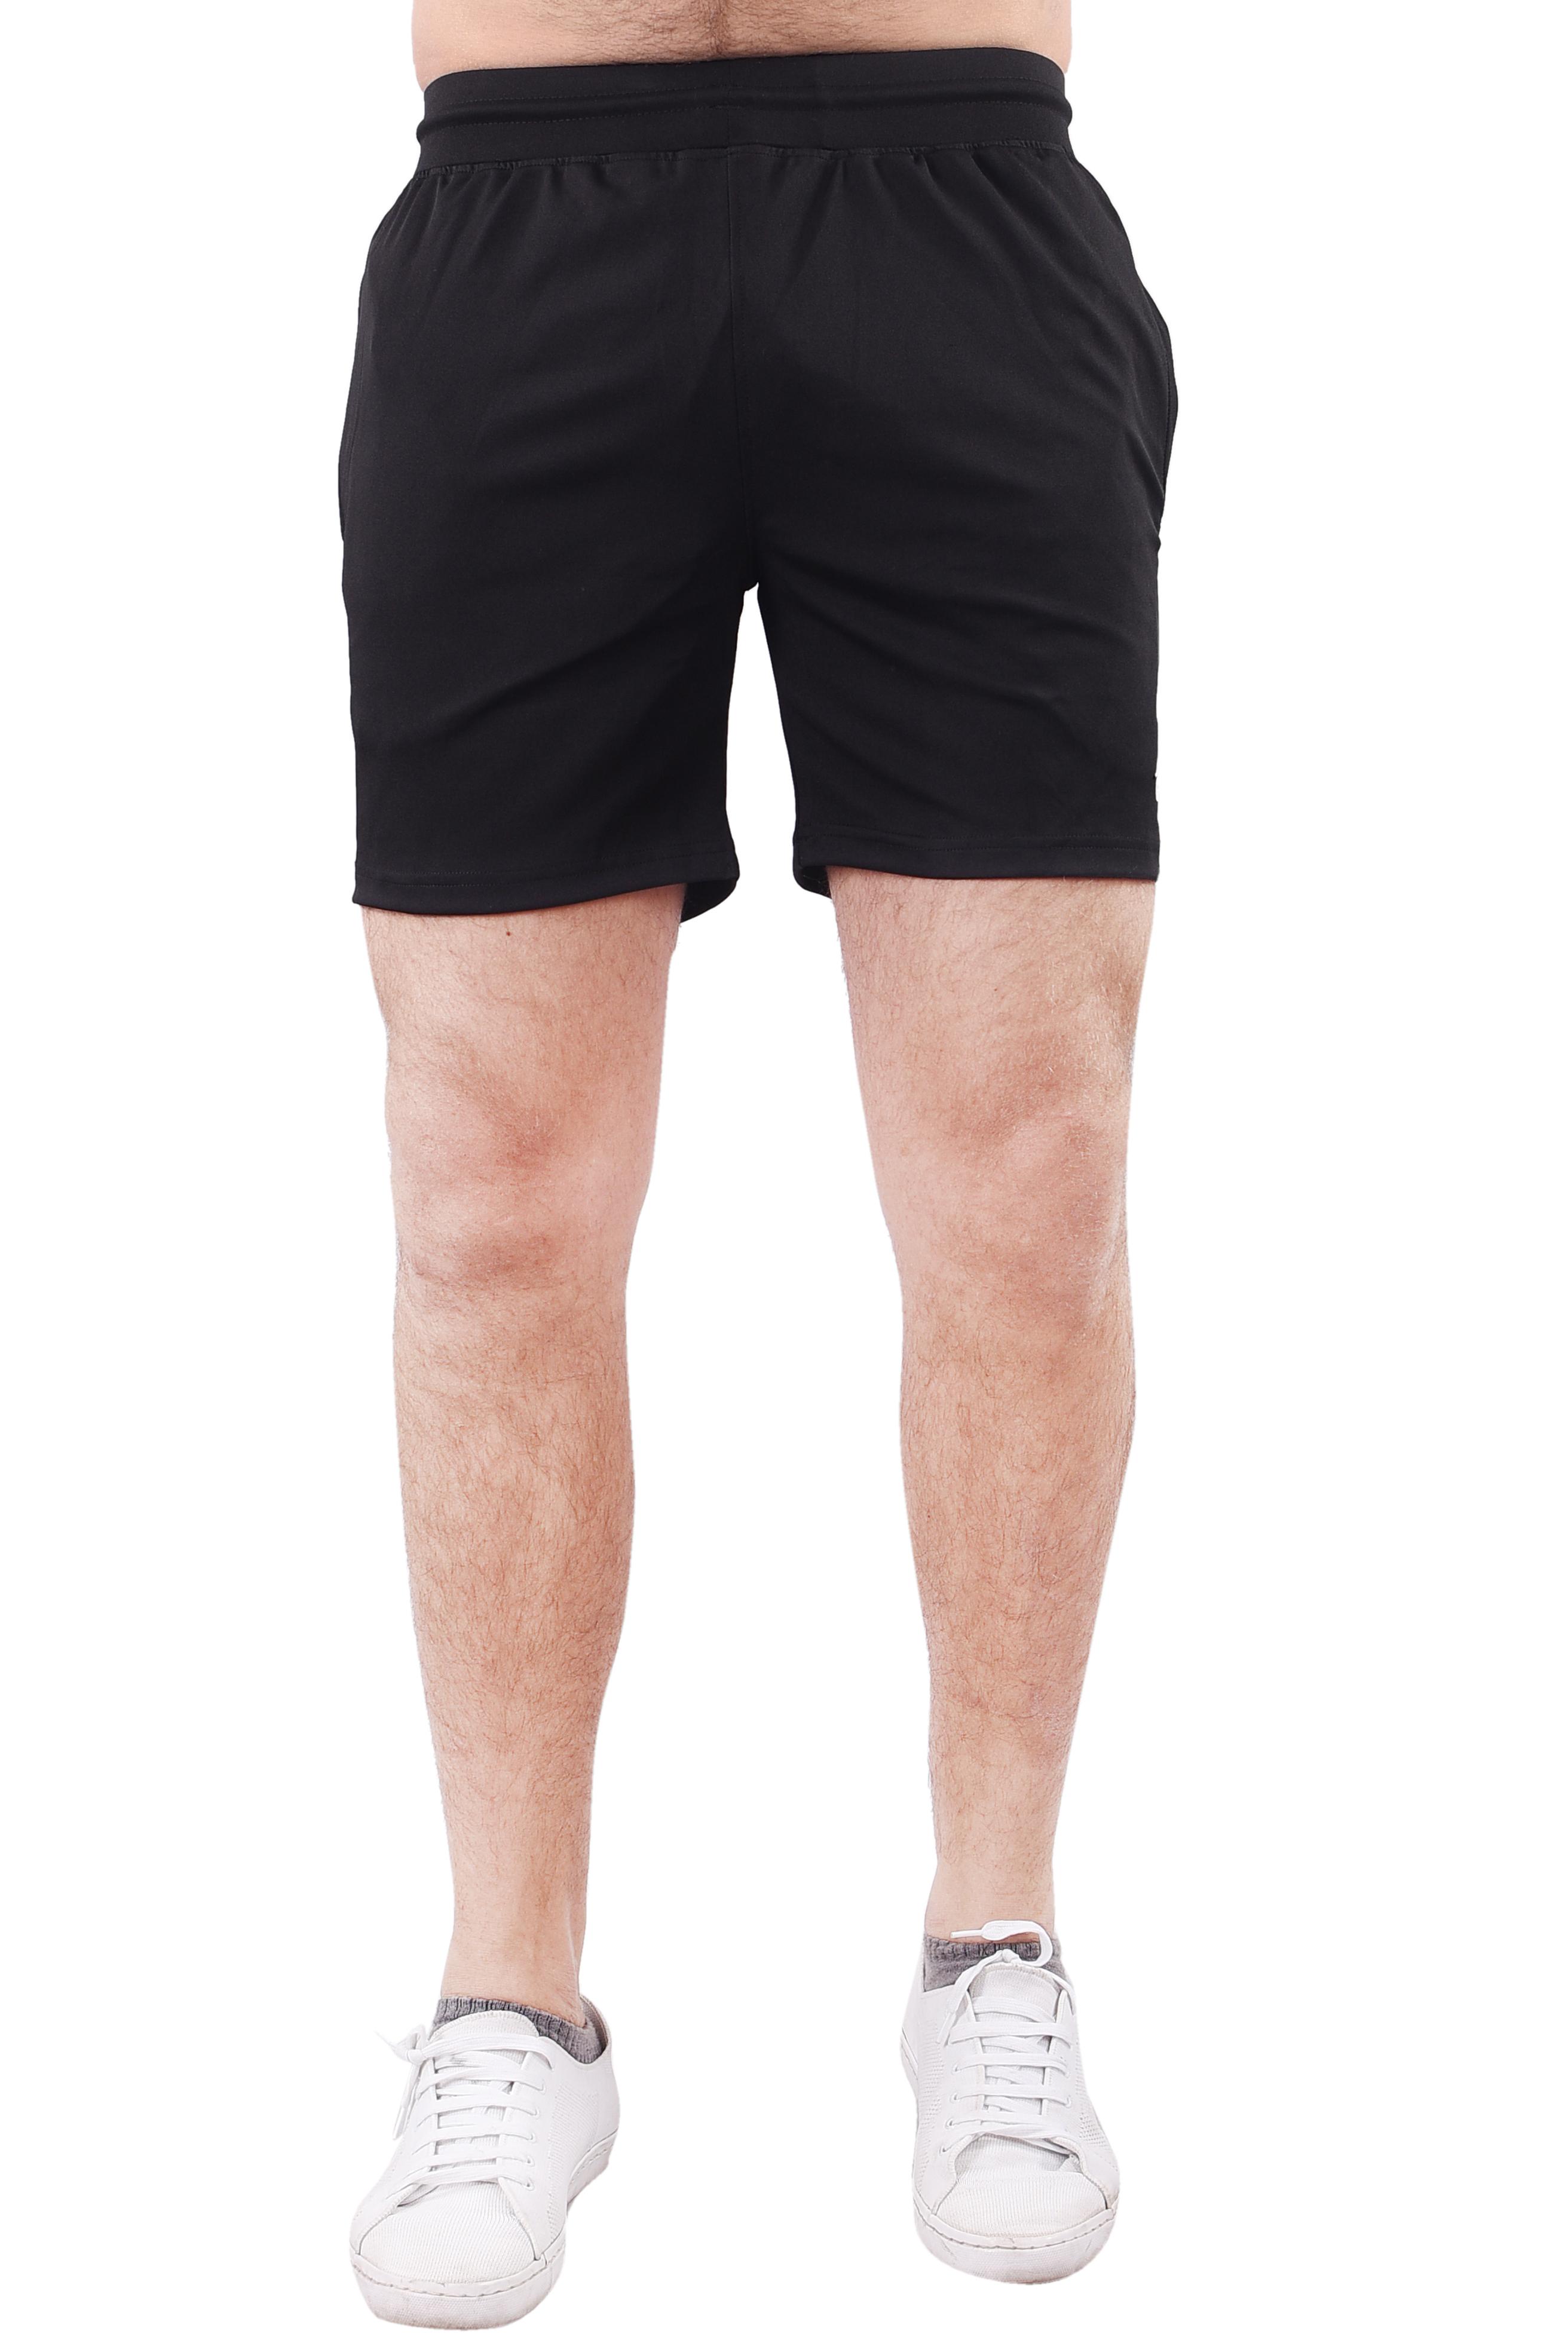 JAGURO   JAGURO Men's Activewear Shorts